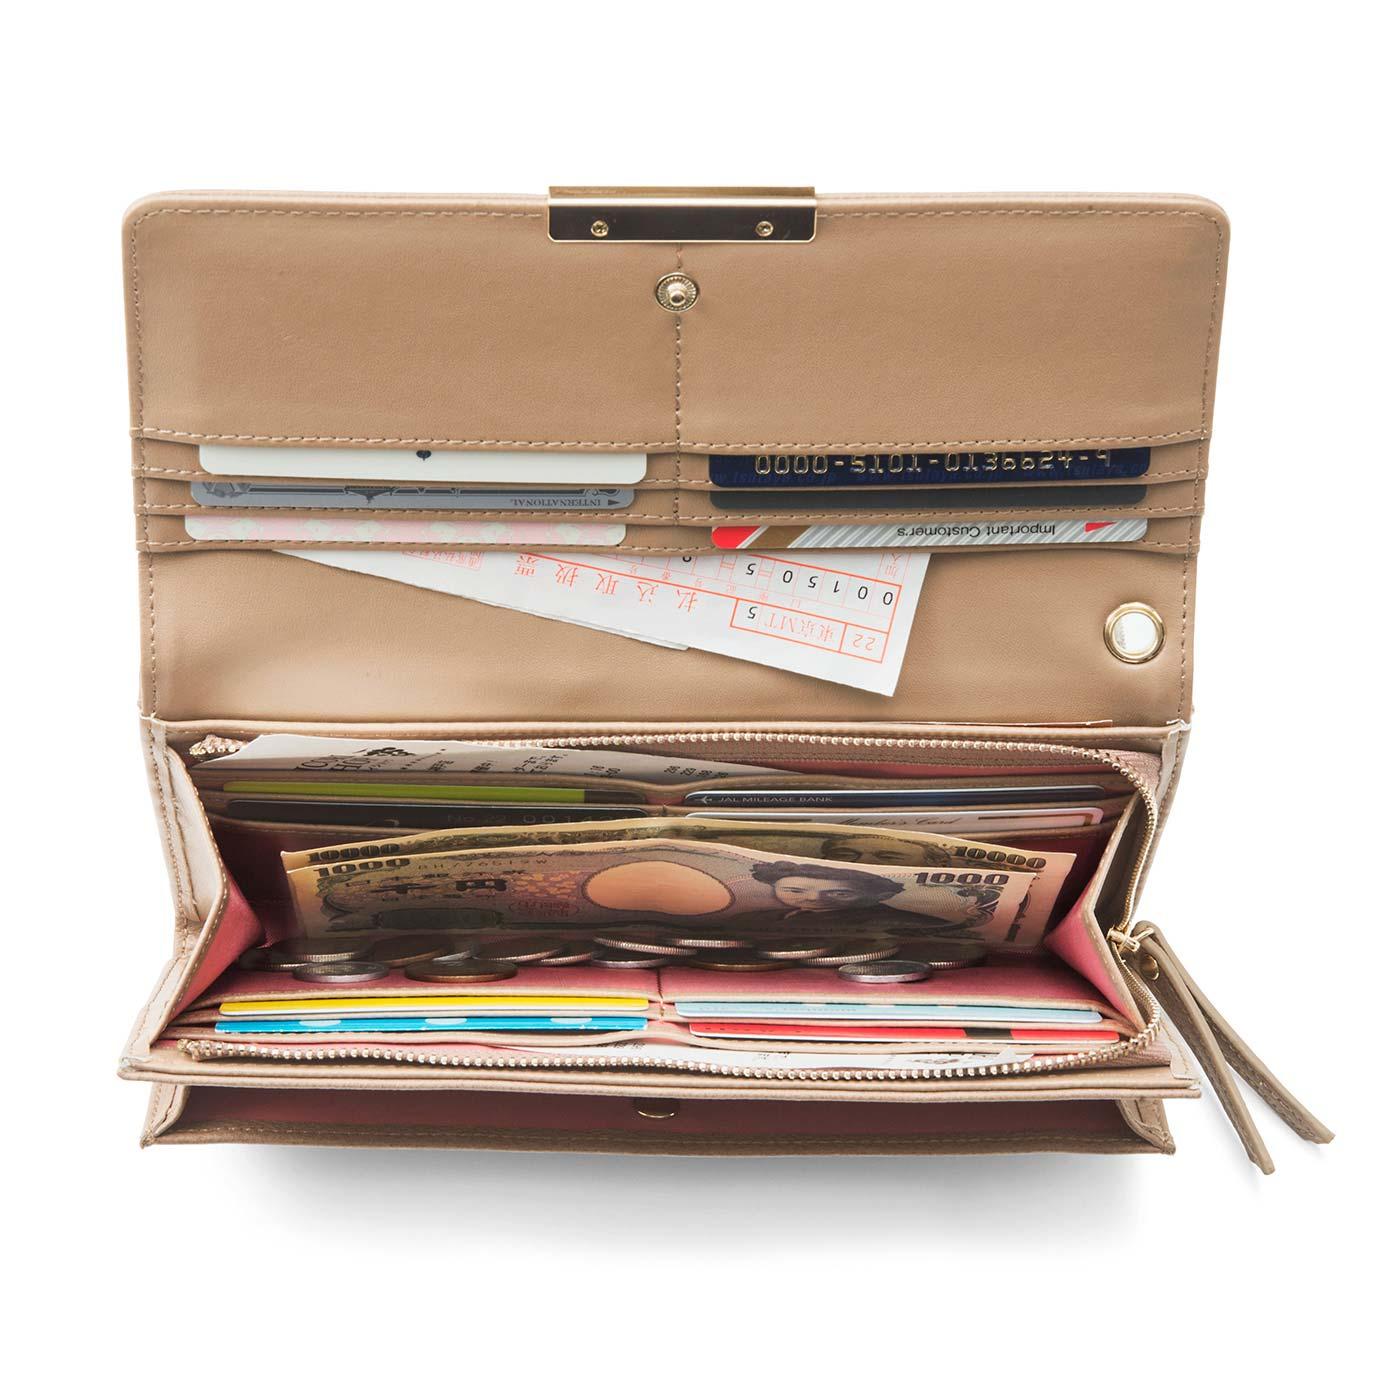 〔ガバッと開いてたっぷり収納〕クラッチみたいな見た目に気分が上がるフラップ付き財布。ポイントカードや保険証、振込用紙や家計簿記入前のレシートなどを入れて。カードポケット14個、大ポケット4個、ファスナー外ポケット1個。チャームやストラップが取り付けられるハト目付き。